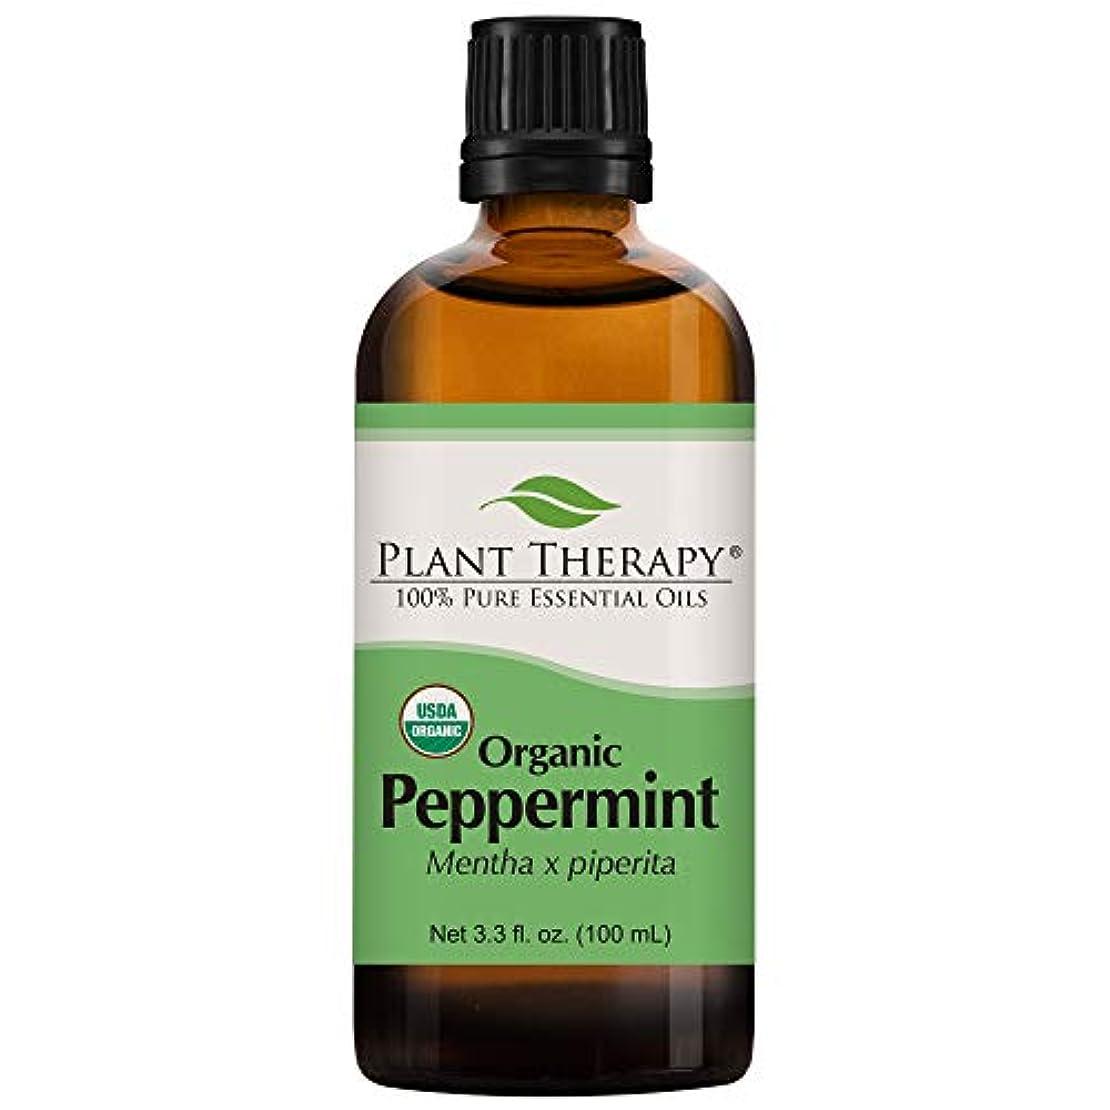 事実上明らかにする錆び植物セラピーUSDA認定オーガニックペパーミントエッセンシャルオイル。 100%ピュア、希釈していない、治療グレード。 100ミリリットル(3.3オンス)。